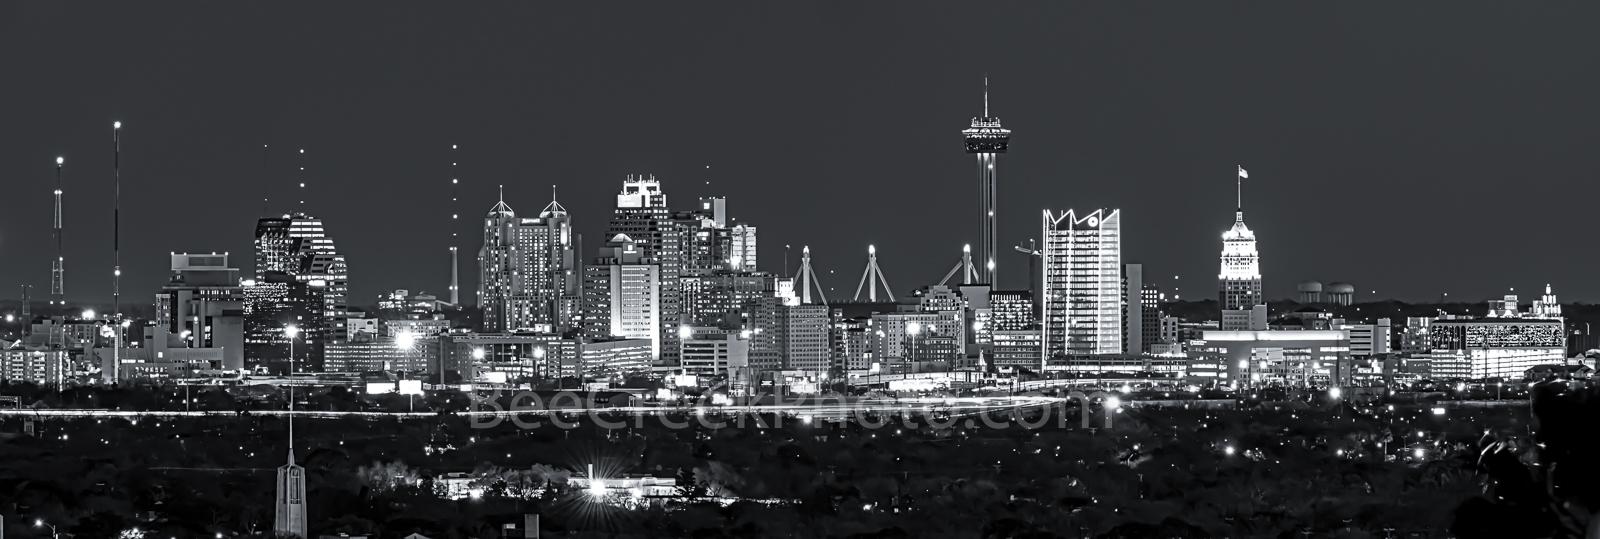 San Antonio Skyline, Night, Dark, black and white, bw,  night, San Antonio, Skyline, Frost Tower, Tower of America, Life Tower, Marriott, BBVA Compass Bank,, photo